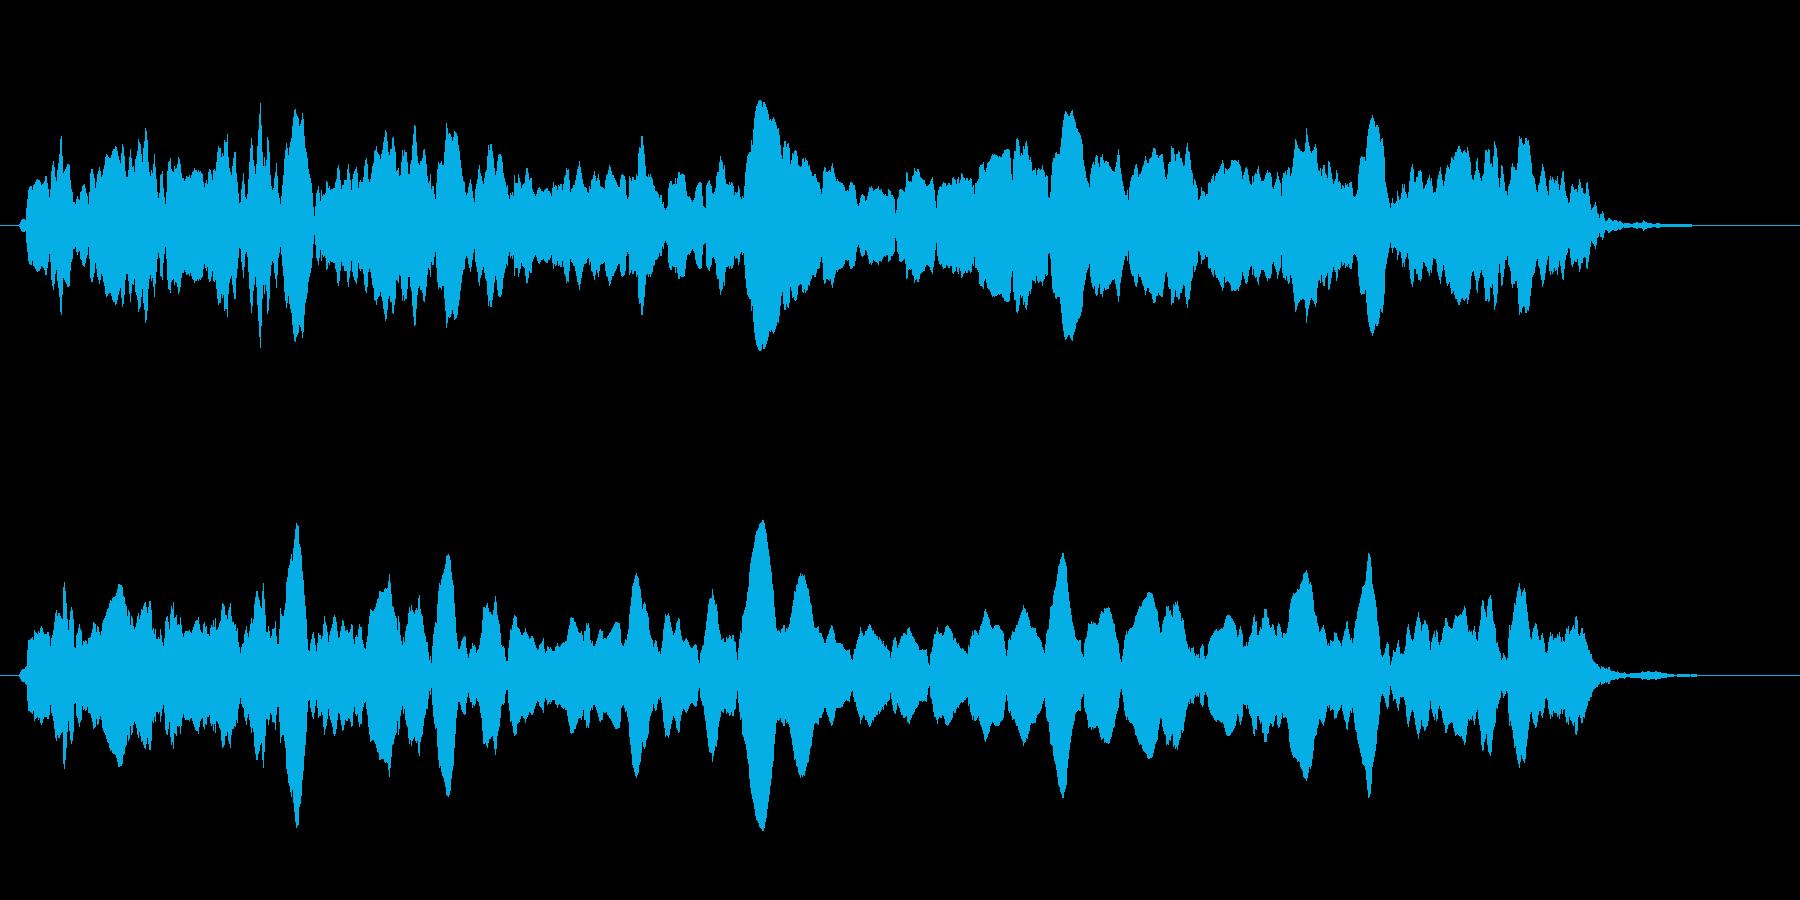 ピピピ(グラフ・ゲージ・パラメータ表示)の再生済みの波形